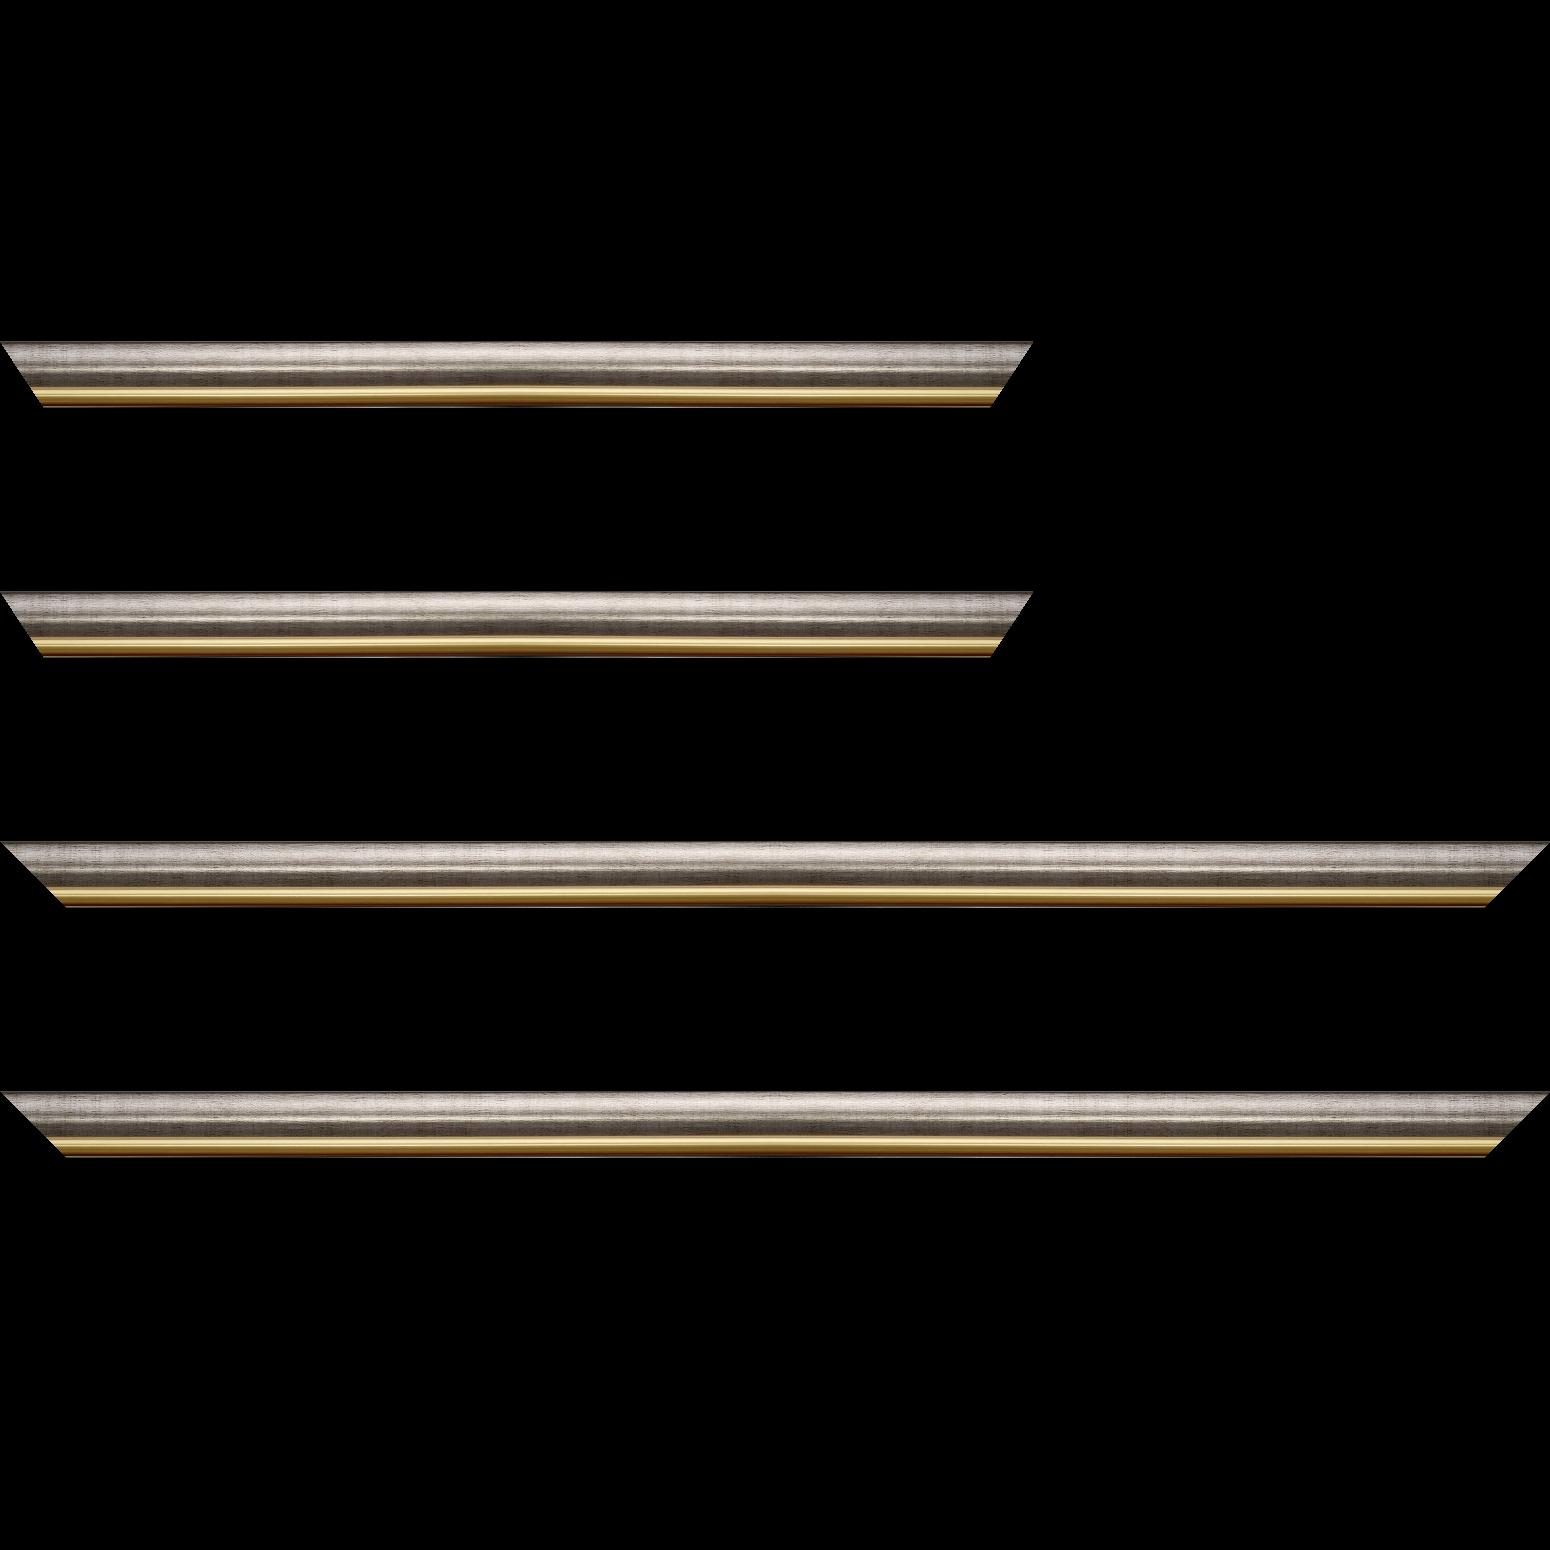 Baguette service précoupé Bois profil arrondi largeur 2.1cm couleur plomb filet or